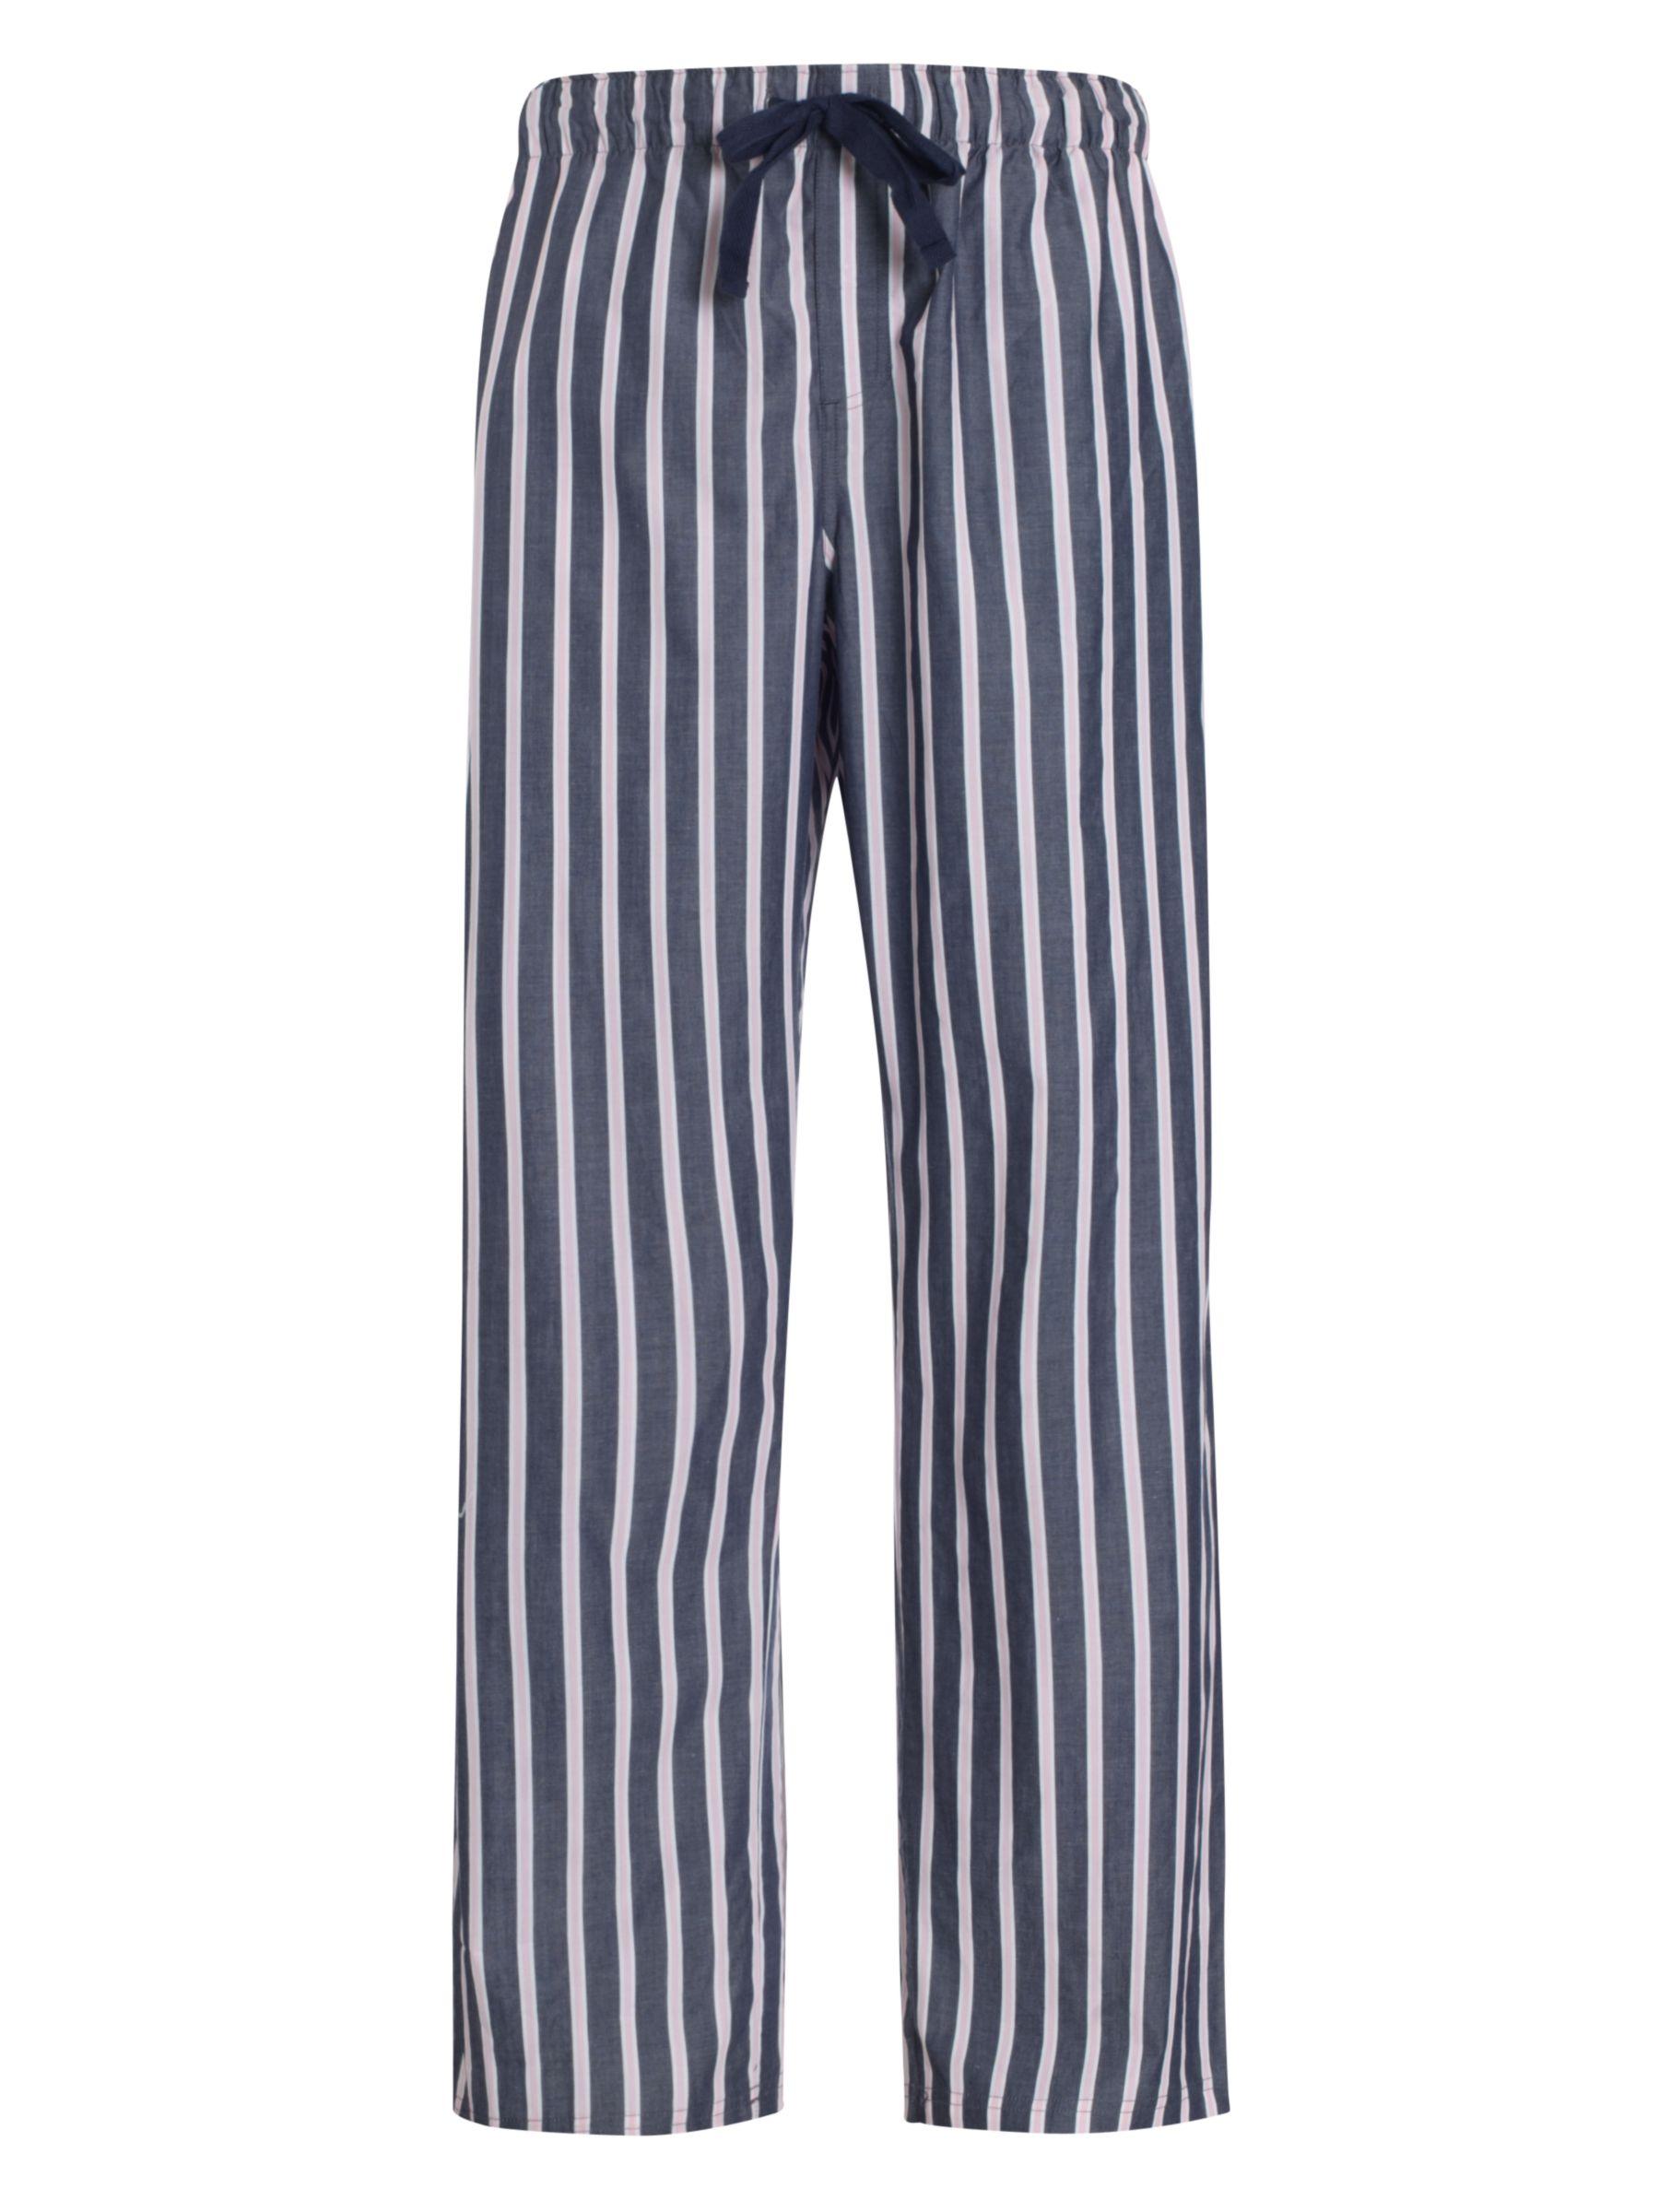 John Lewis Woven Stripe Lounge Pants